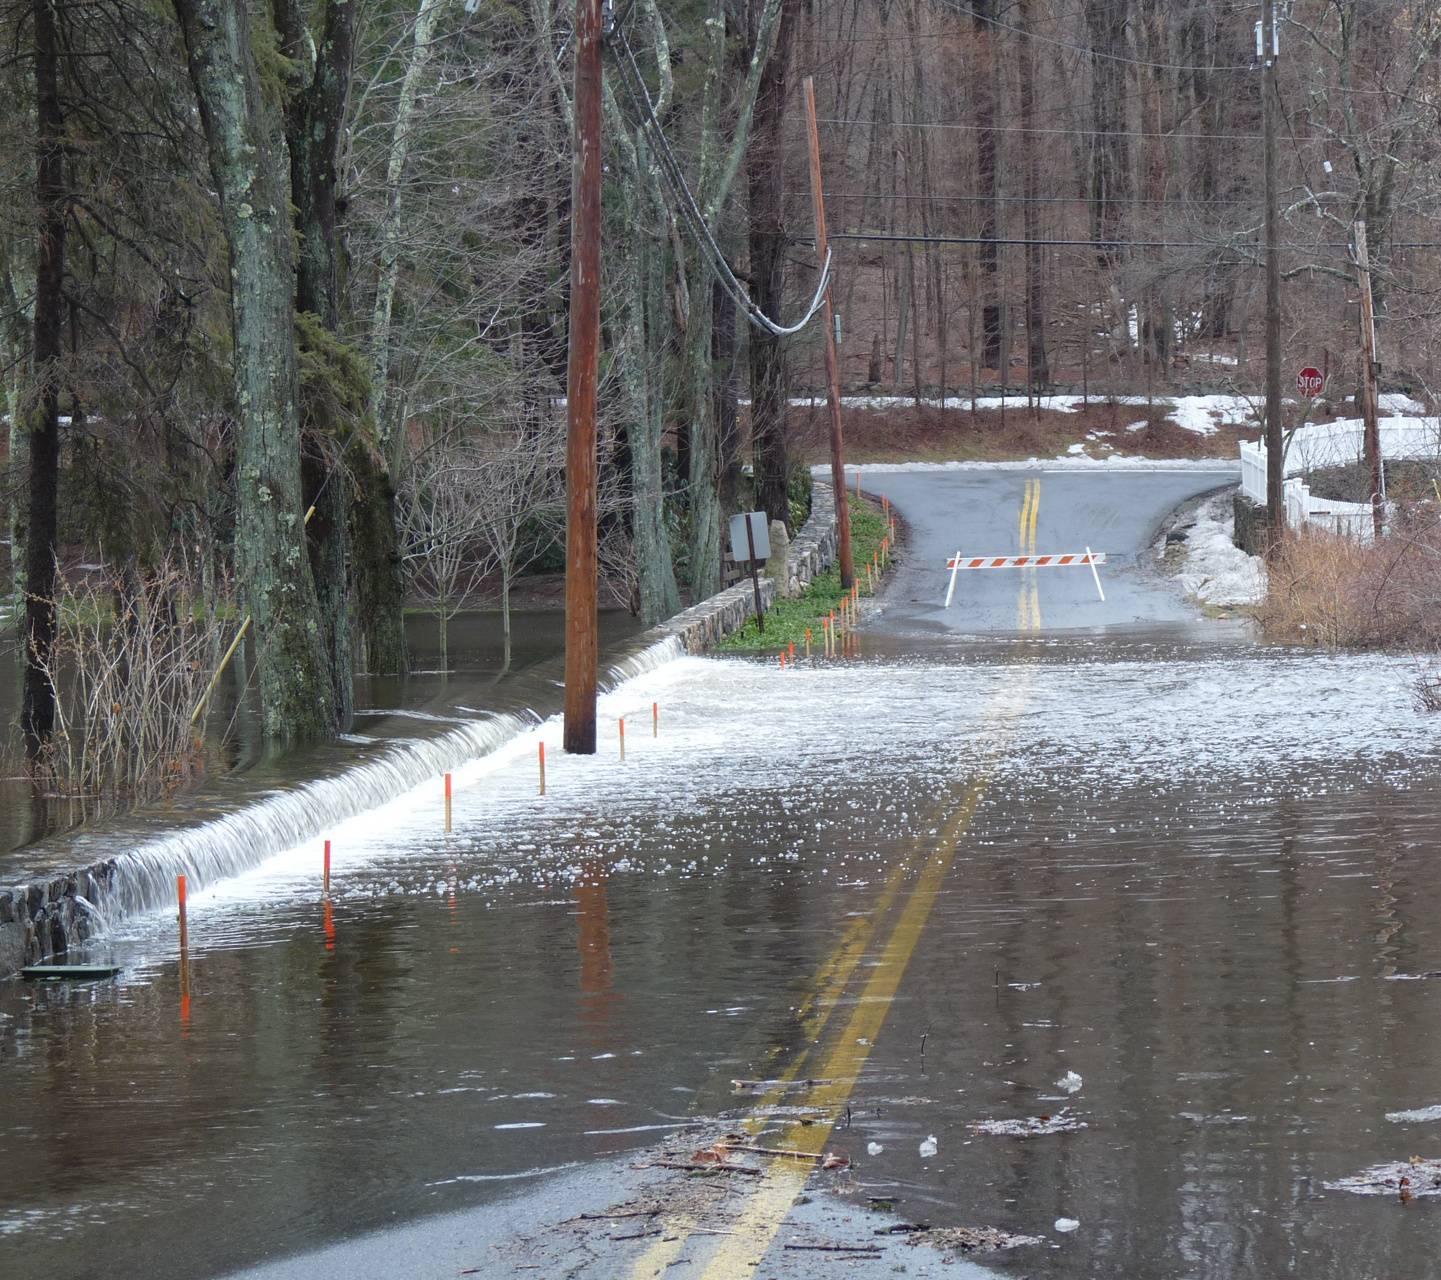 Roads Closed